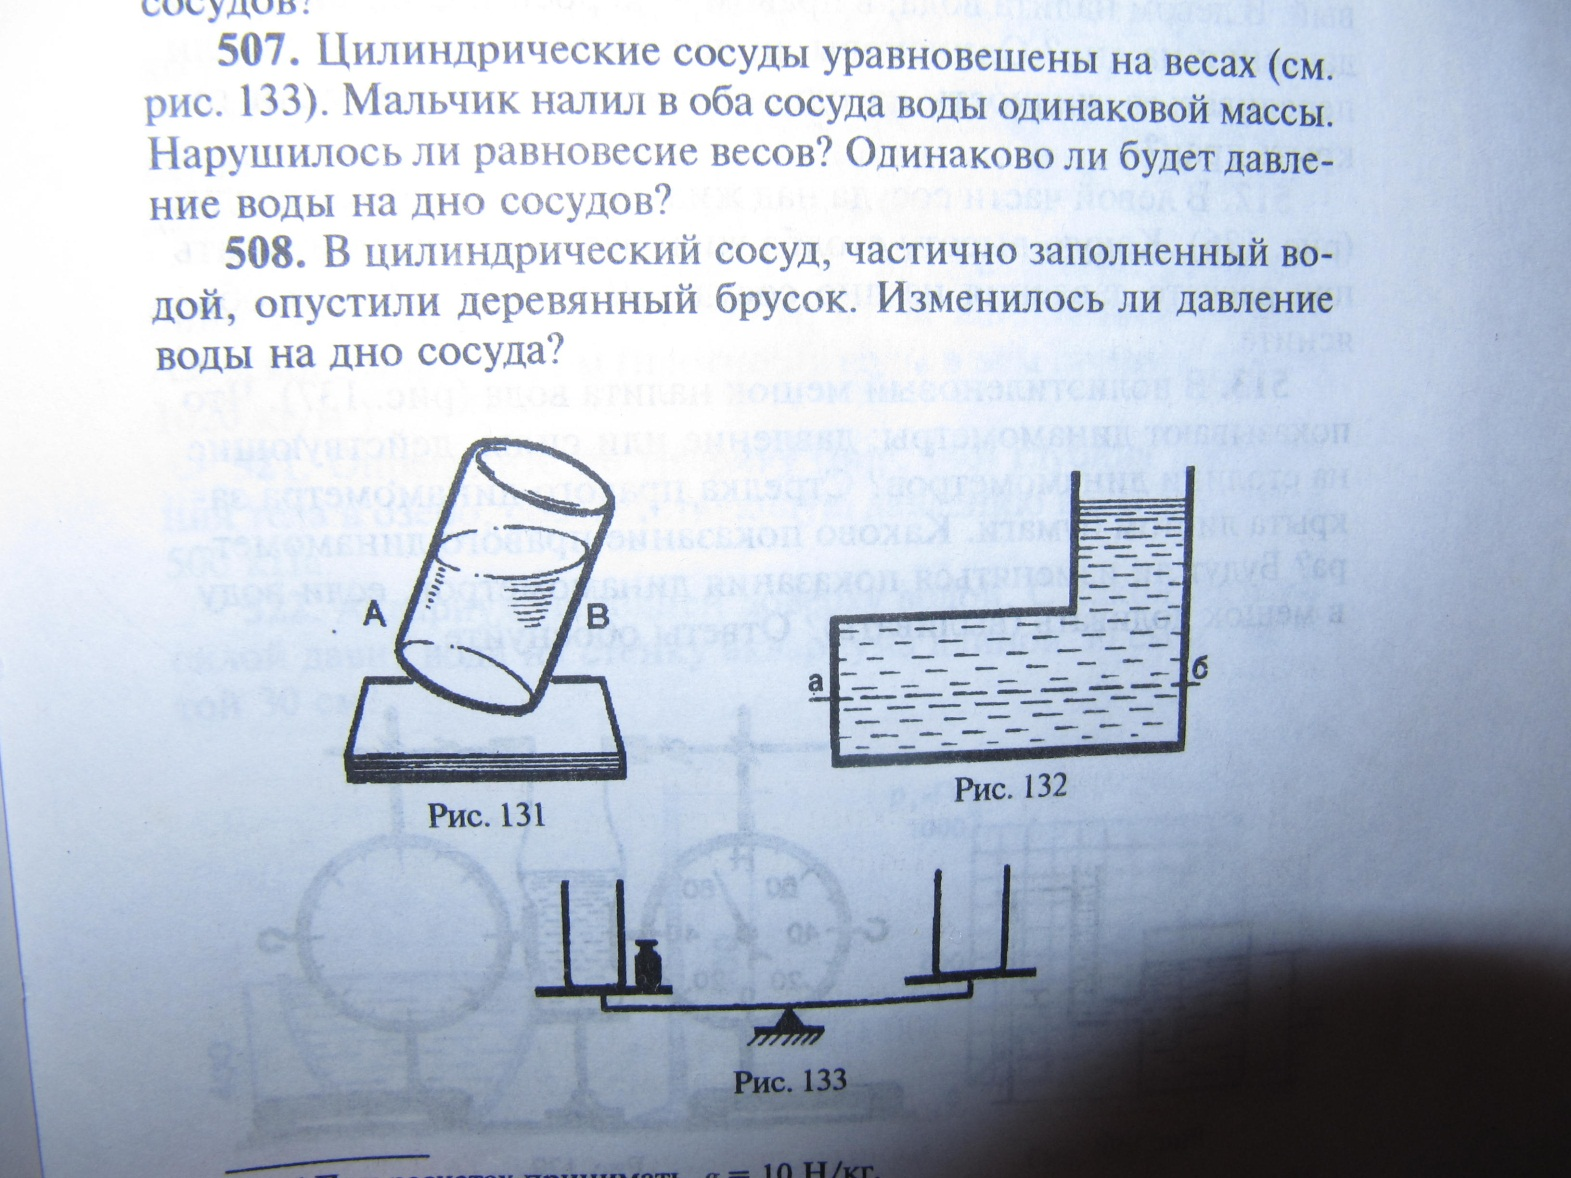 Ширина стенки в направлении, перпендикулярном плоскости чертежа (от